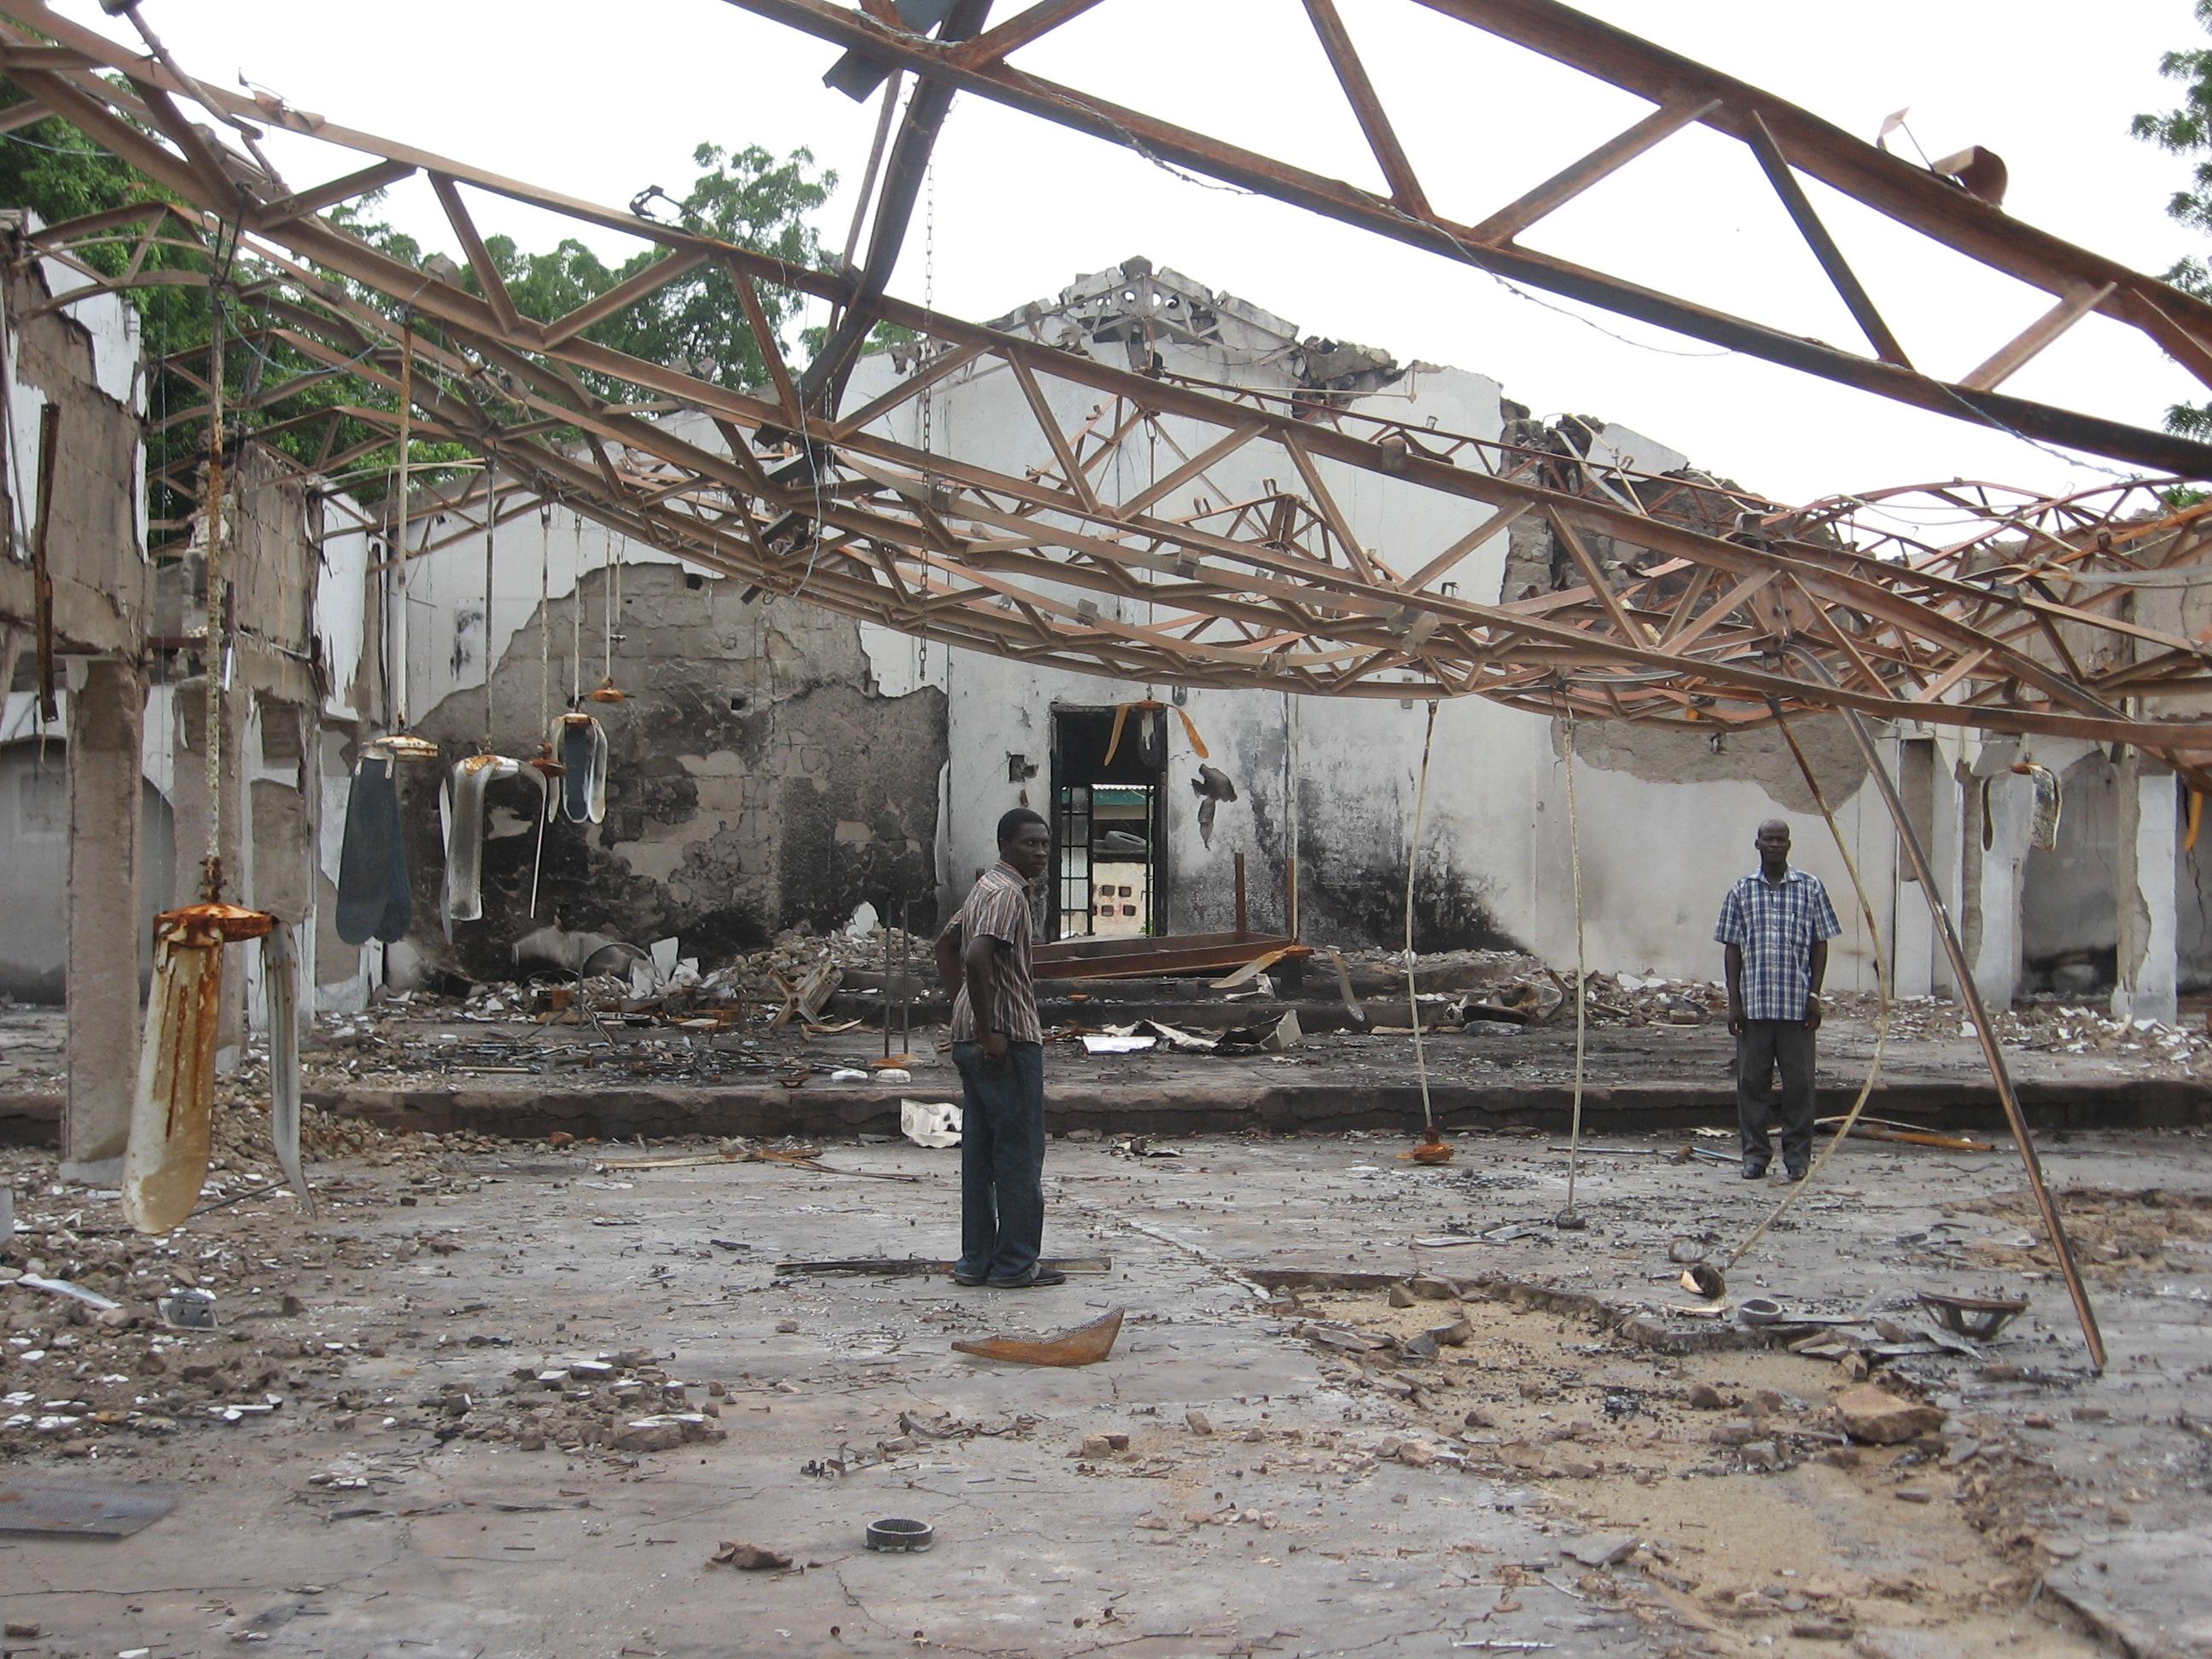 Die Überreste der von Boko Haram ausgebrannten EYN-Kirche in Maiduguri/Wulari; Gemeindemitglied (links) und Gemeindepfarrer Yuguda Z. Mdurvwa. Foto: Mission 21/Jochen Kirsch, Meehyun Chung.